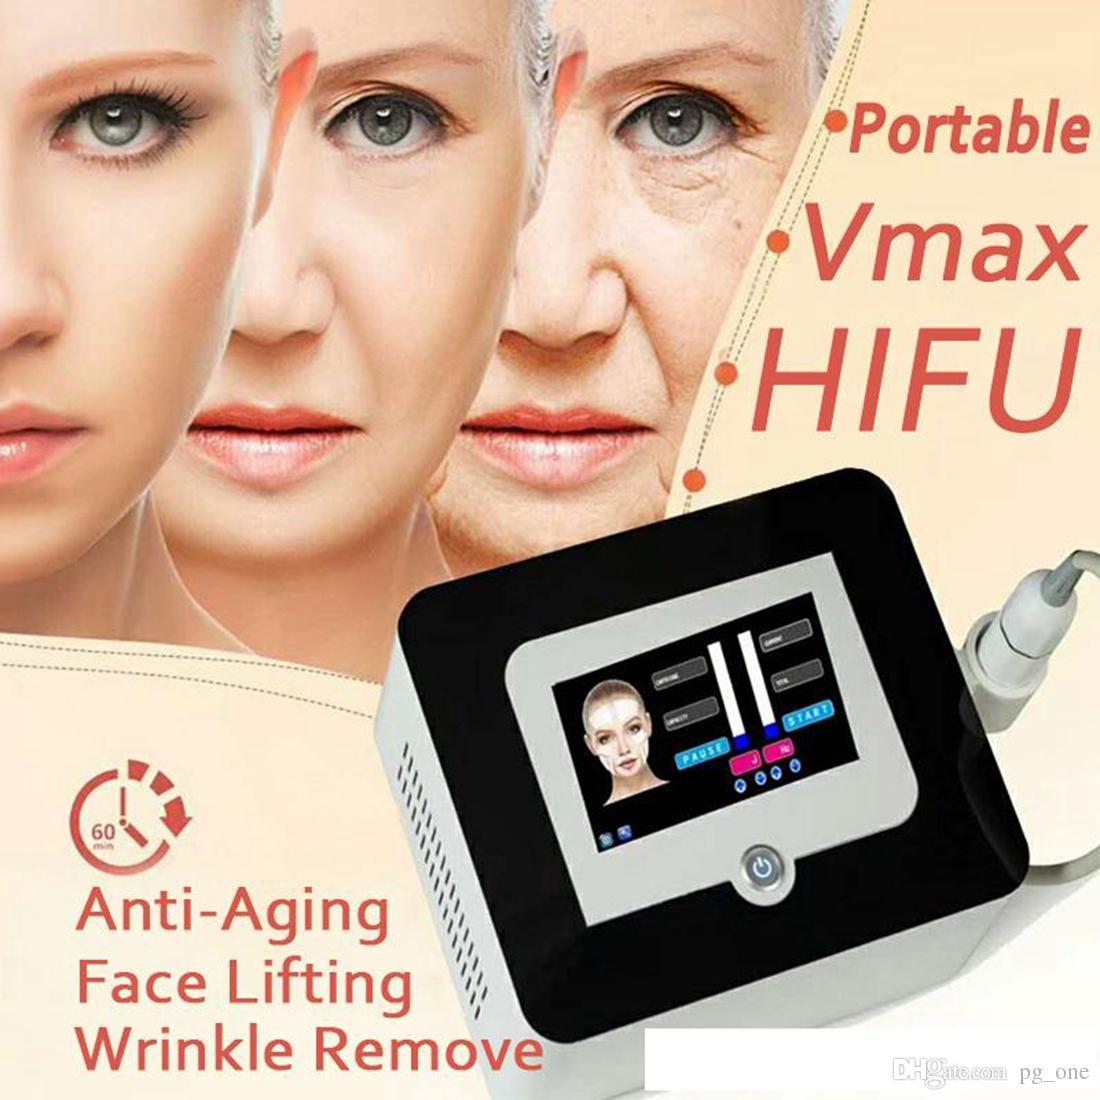 Nuevos resultados buenos Hifu Lifting facial Intensidad de alta intensidad Ultrasonido Anti envejecimiento Eliminación de arrugas Máquina Vmax Hifu con 3 cartuchos